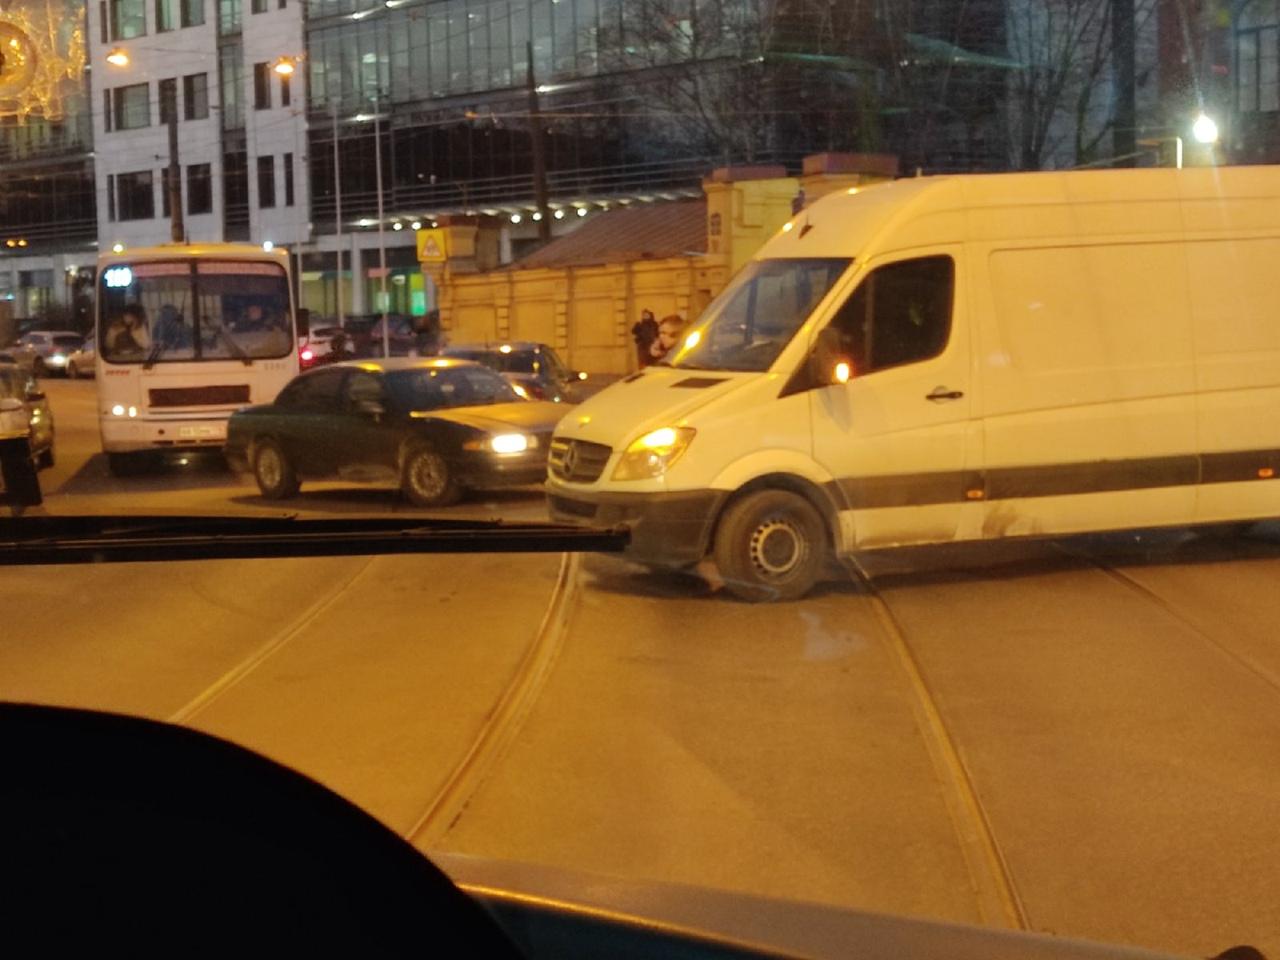 На Старо-Петергофском 40 грузовой Мерс притёр машину, почти не проехать, автобусы и трамваи встали,